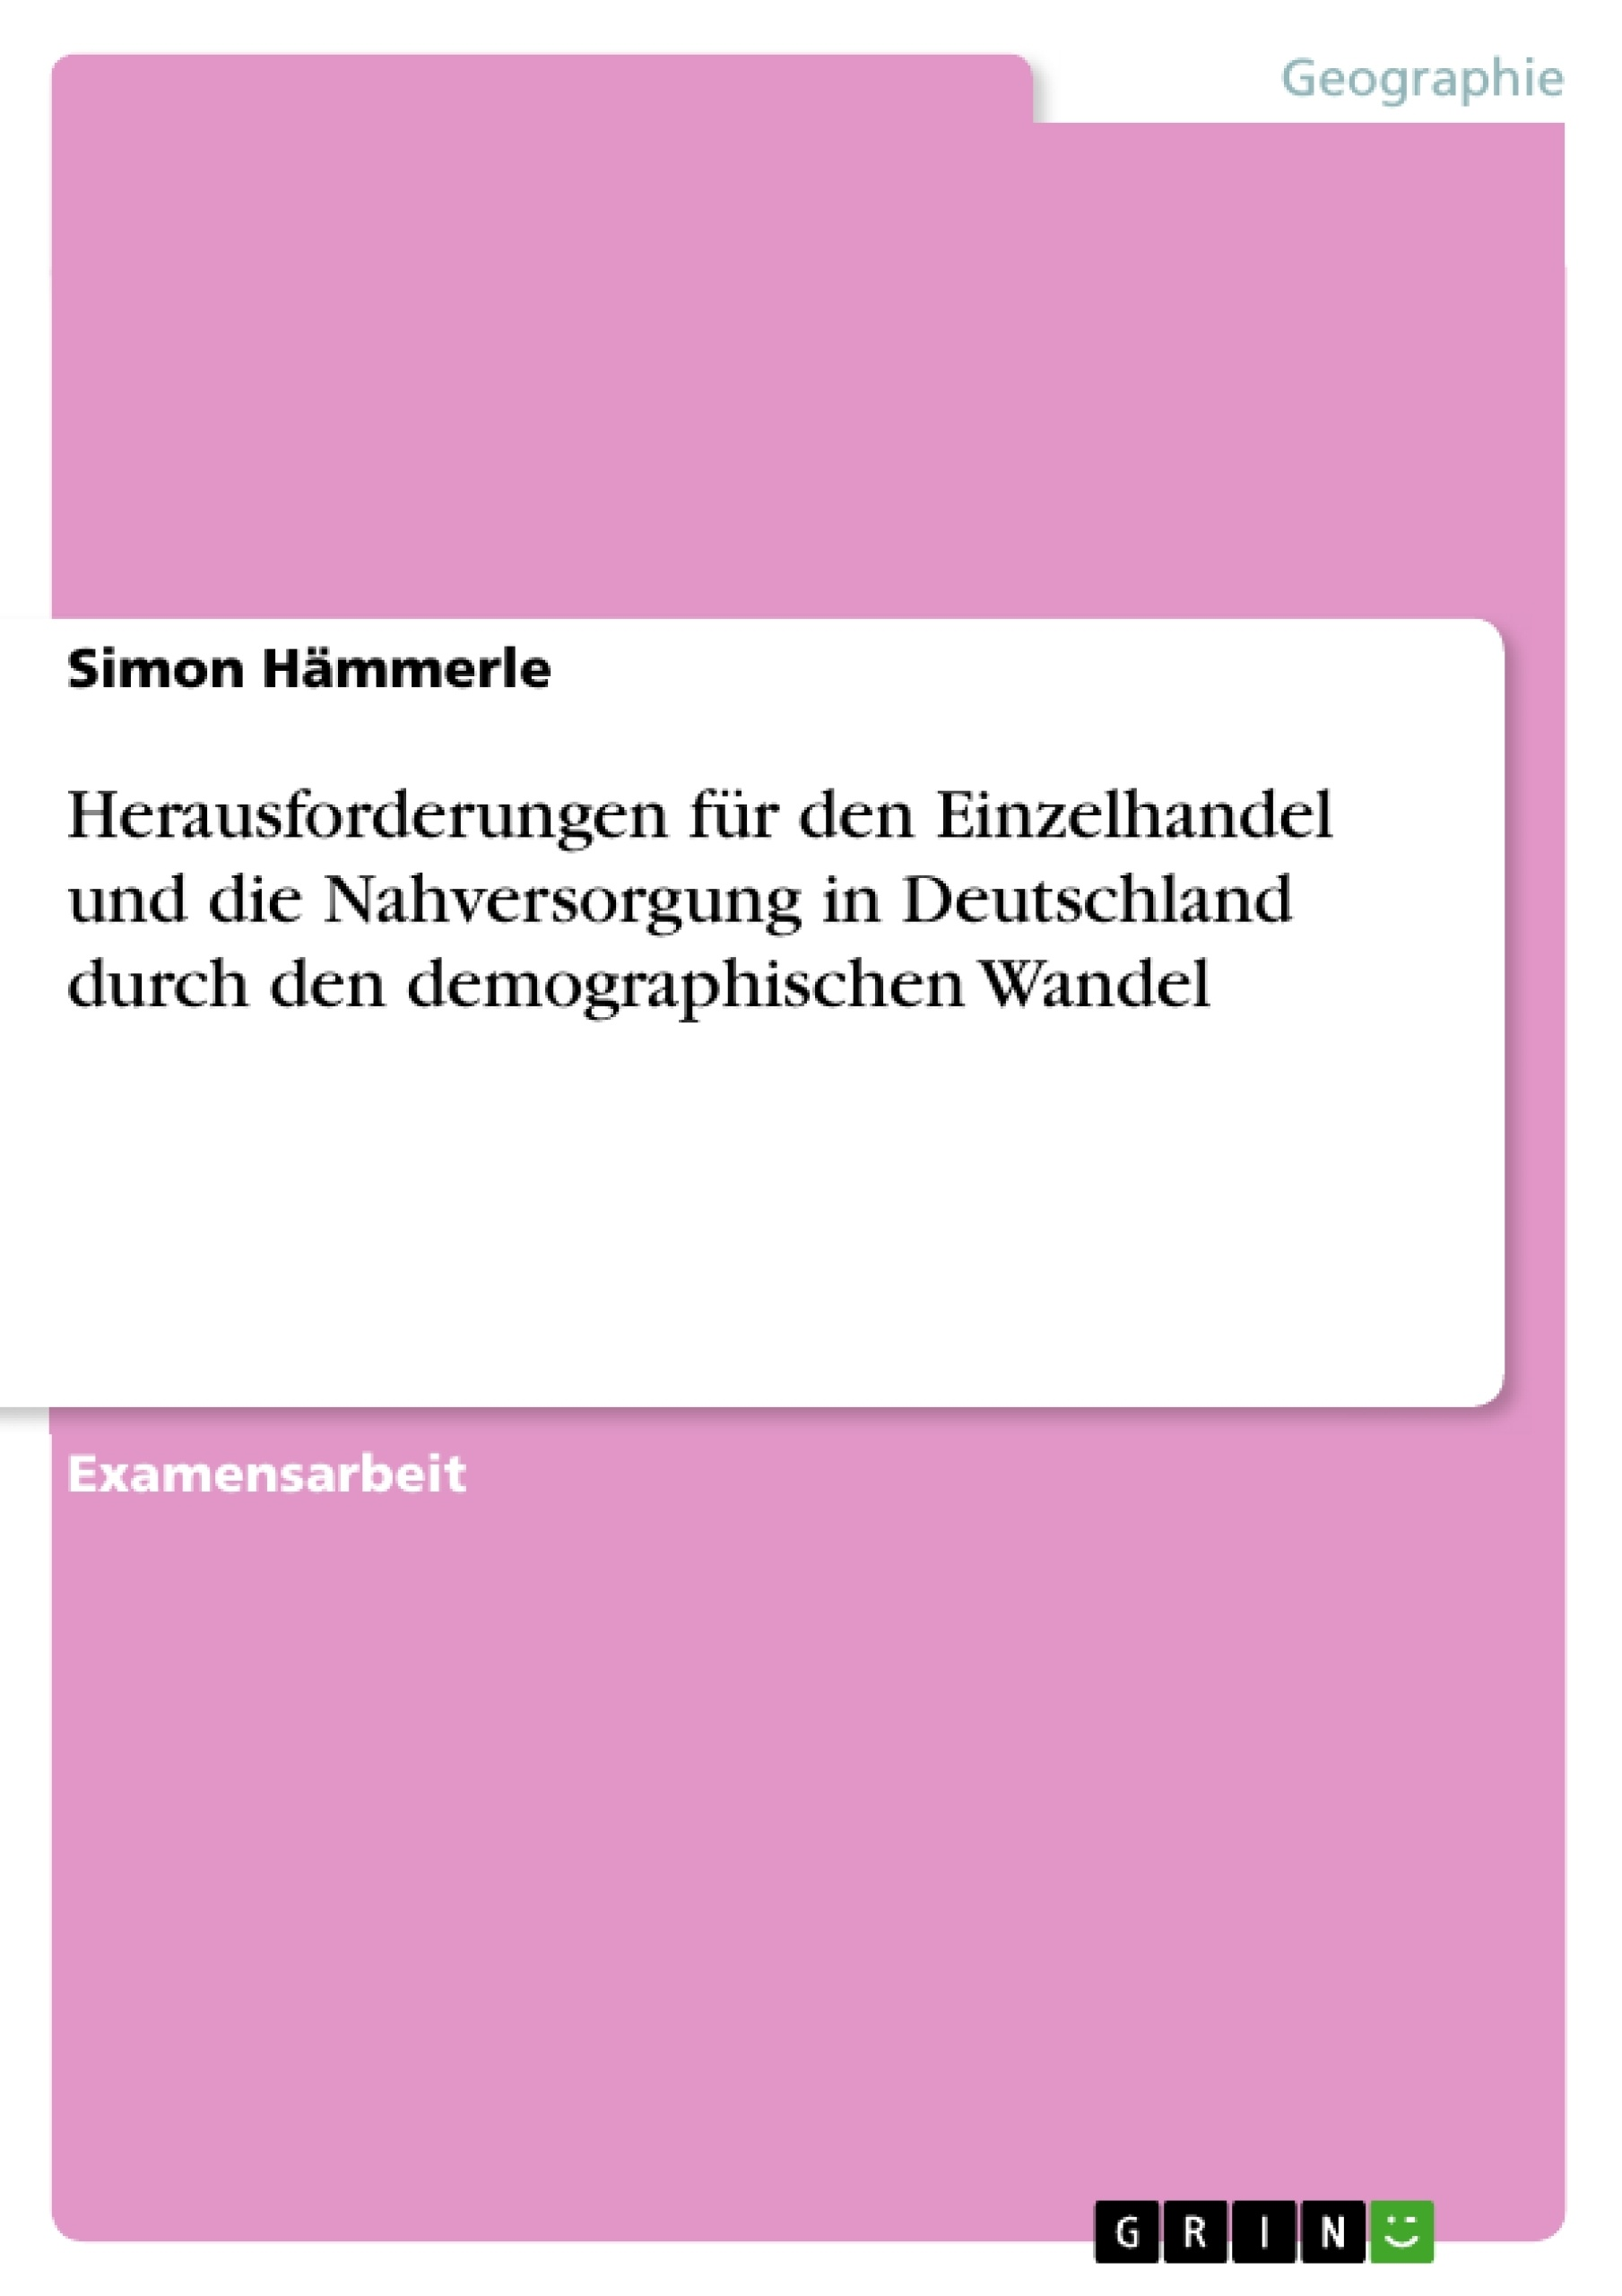 Titel: Herausforderungen für den Einzelhandel und die Nahversorgung in Deutschland durch den demographischen Wandel